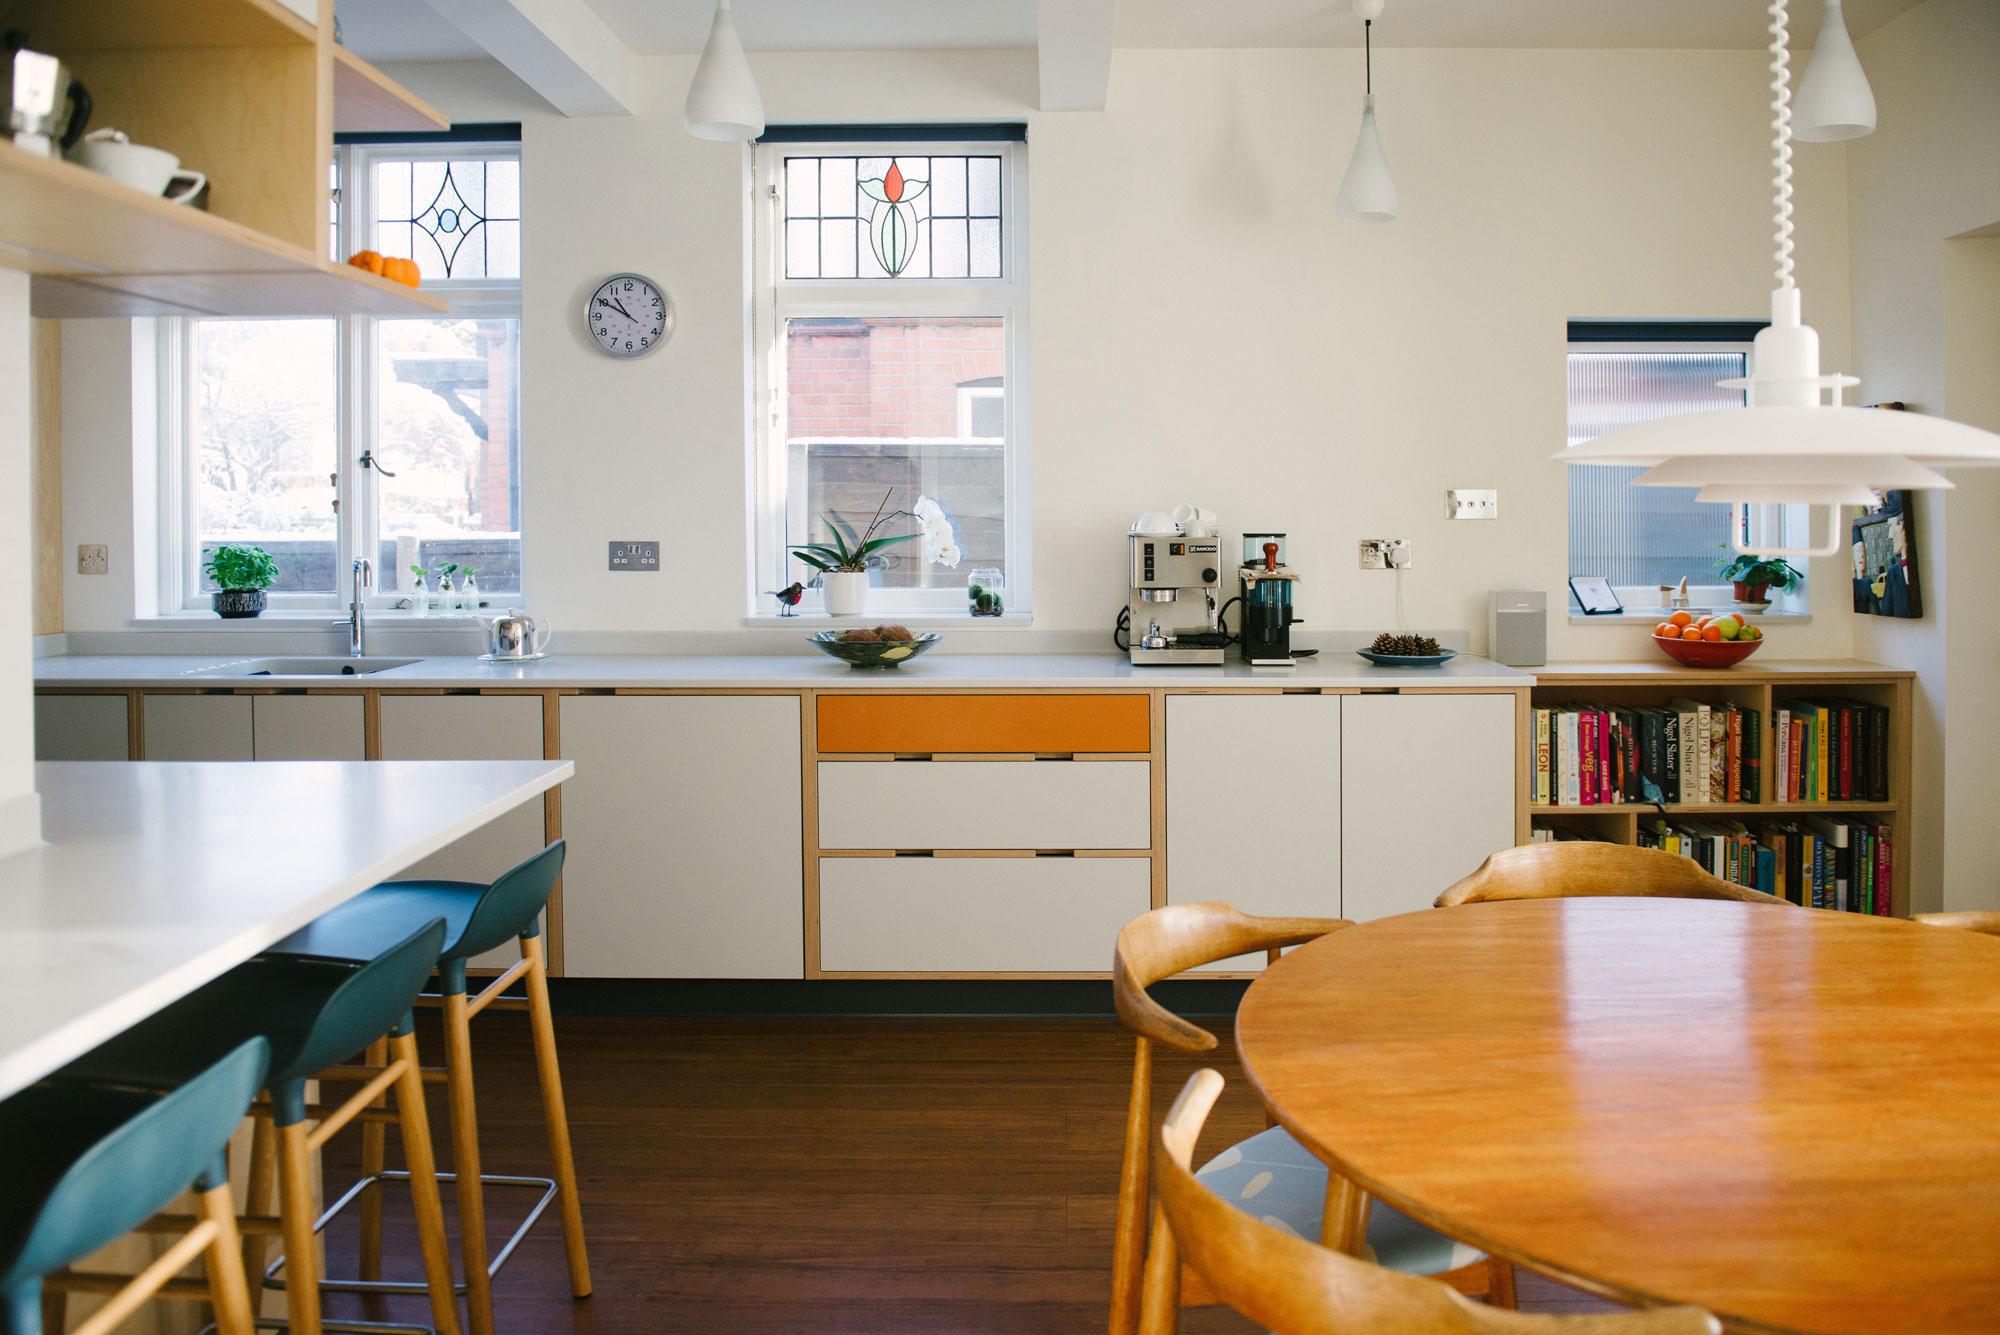 Orange and White Laminated Plywood Kitchen